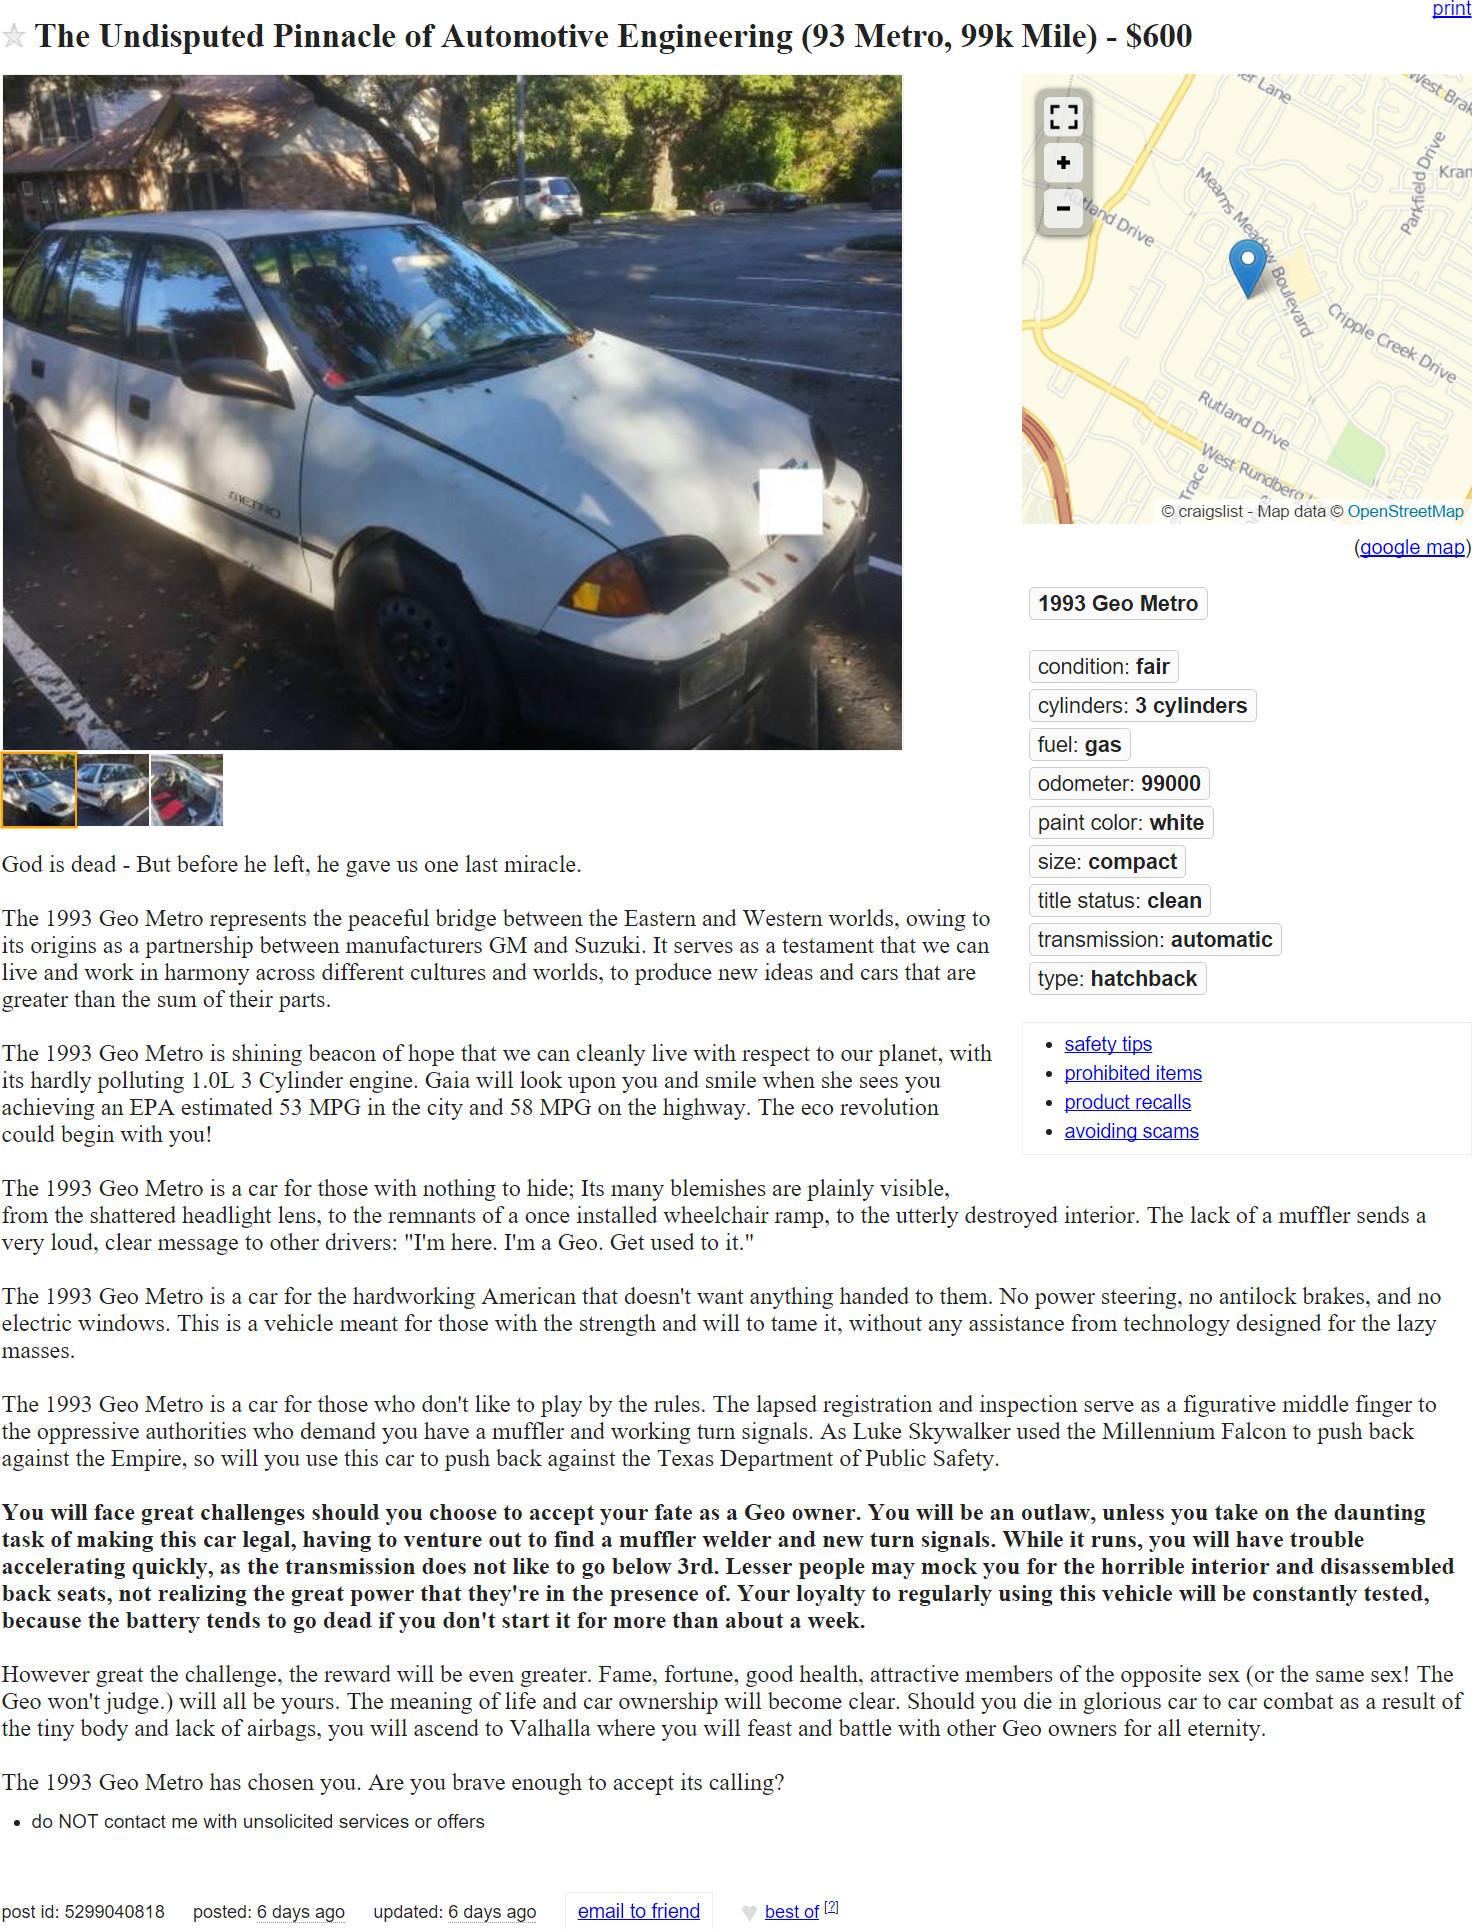 Austin.com This Epic Craigslist Ad For A 1993 Geo Metro Is ...